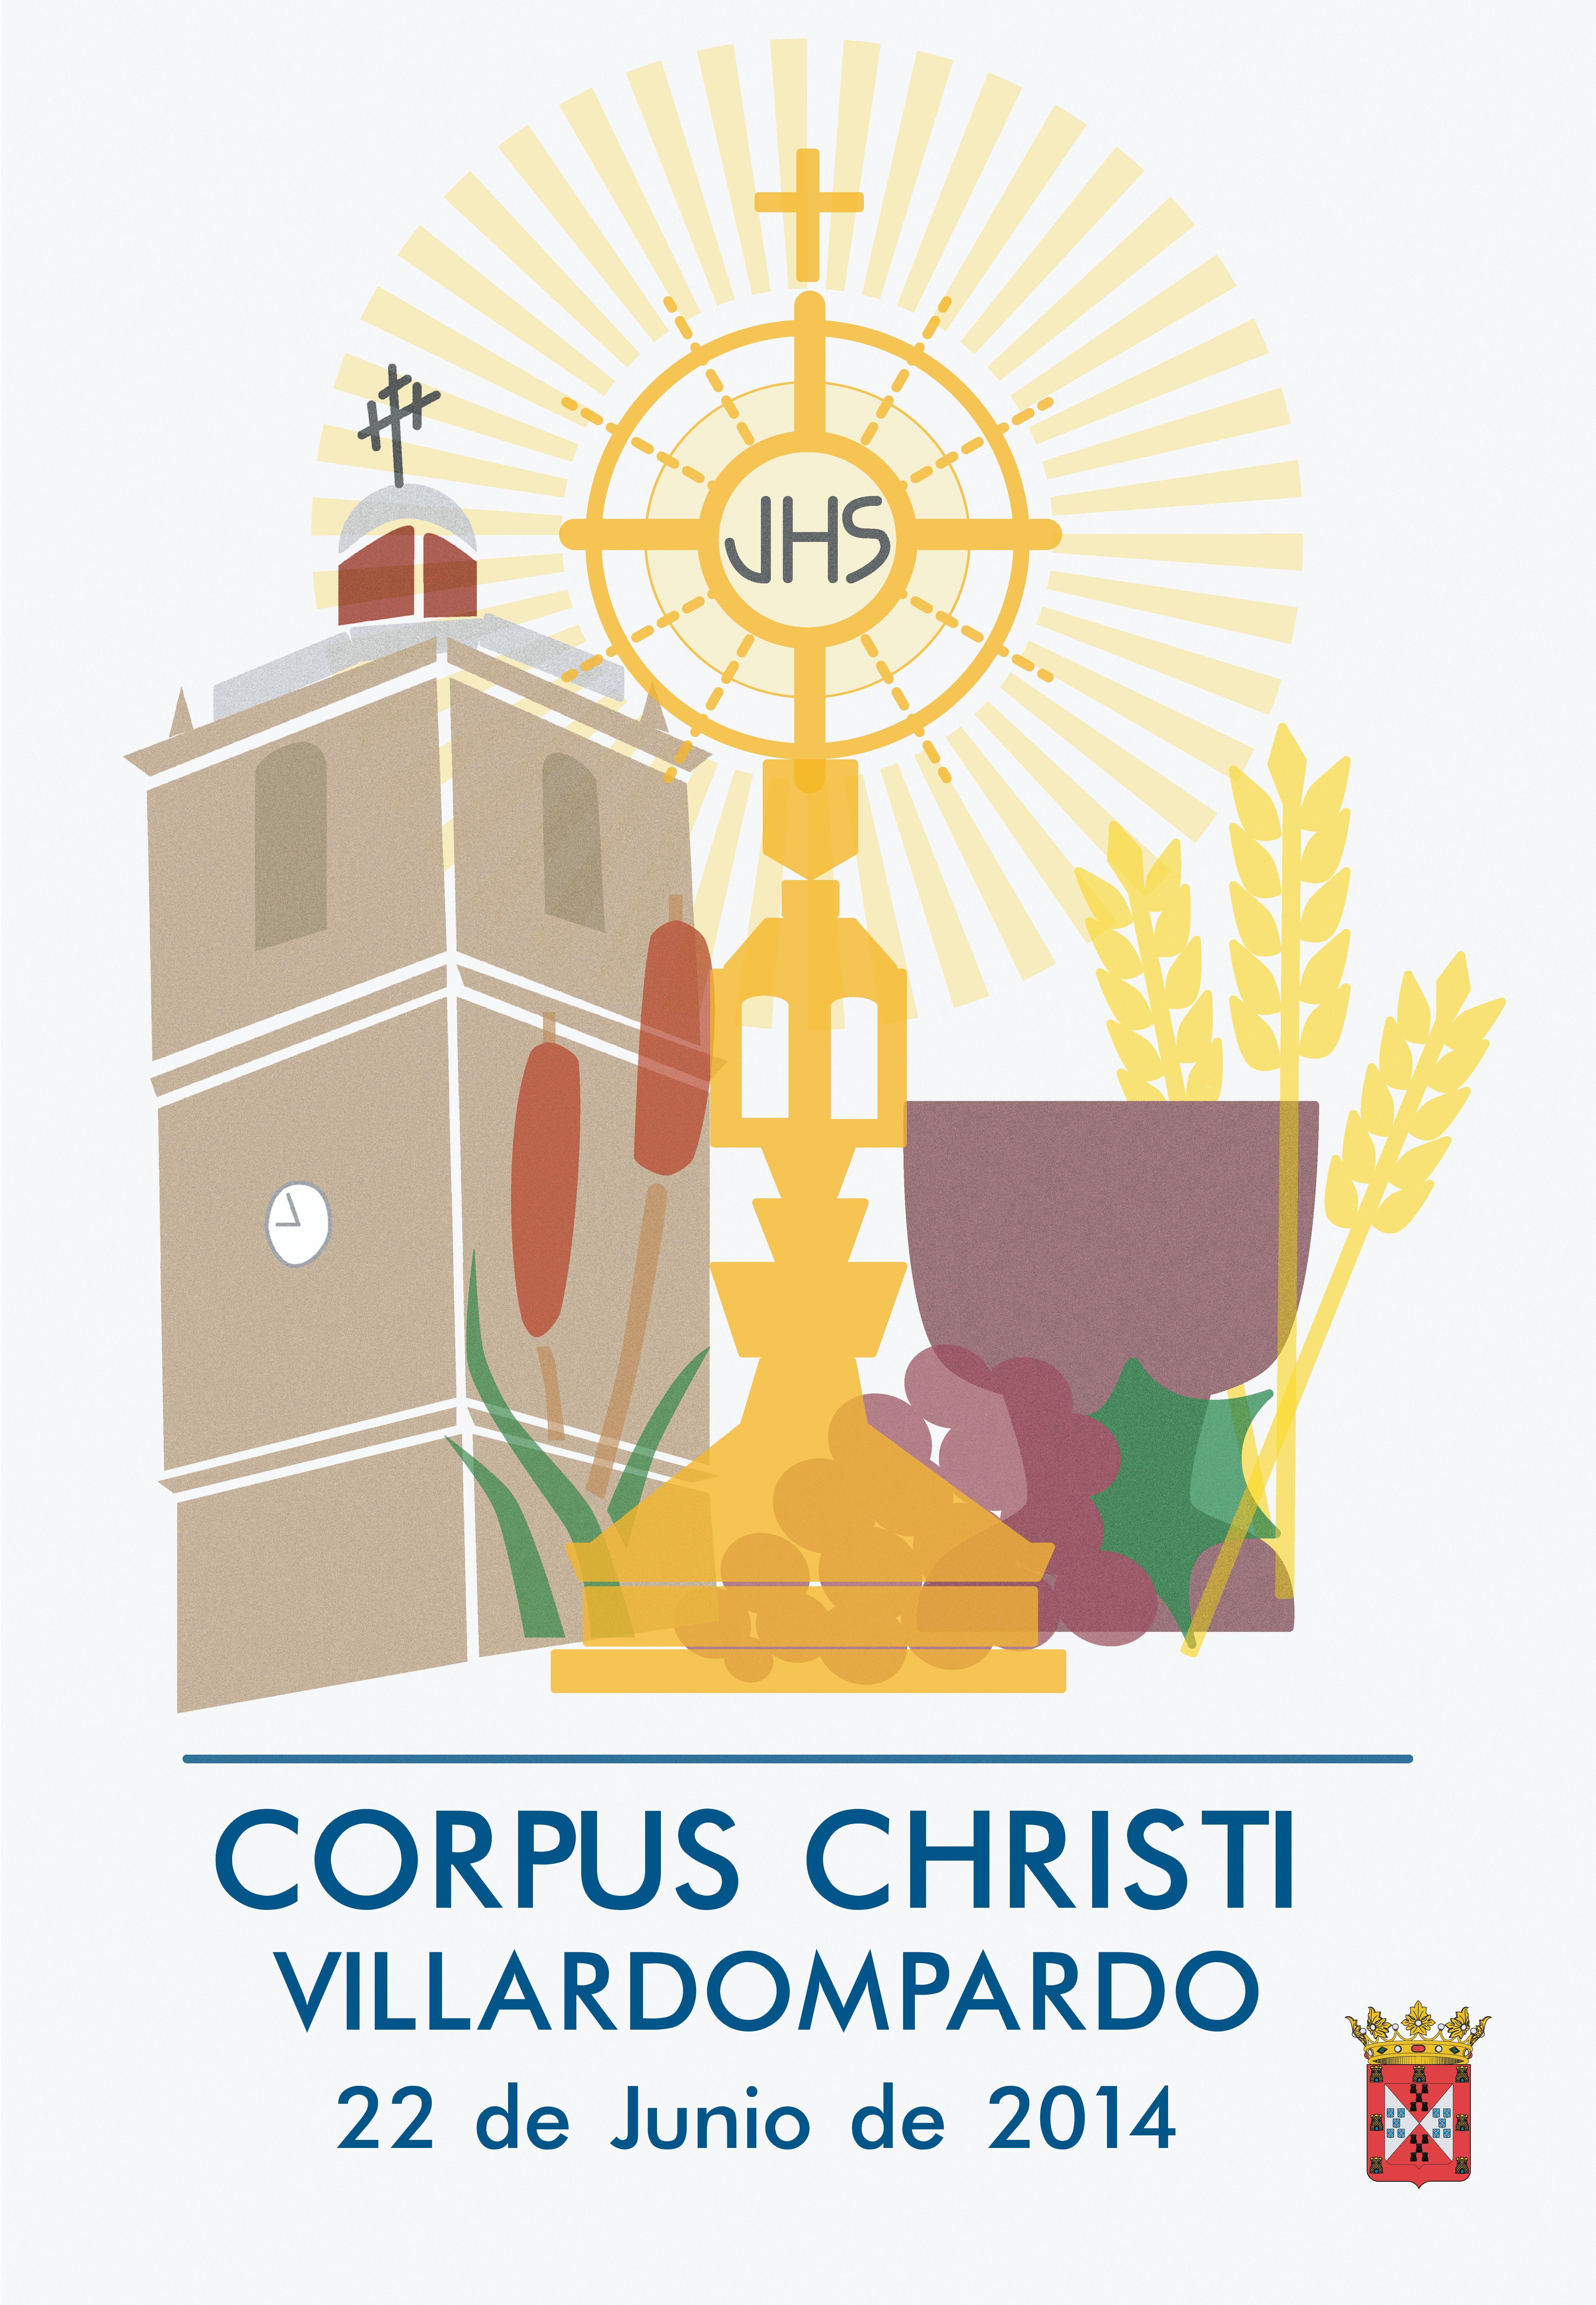 Concurso de carteles Corpus Christi Villardompardo, Junio 2014